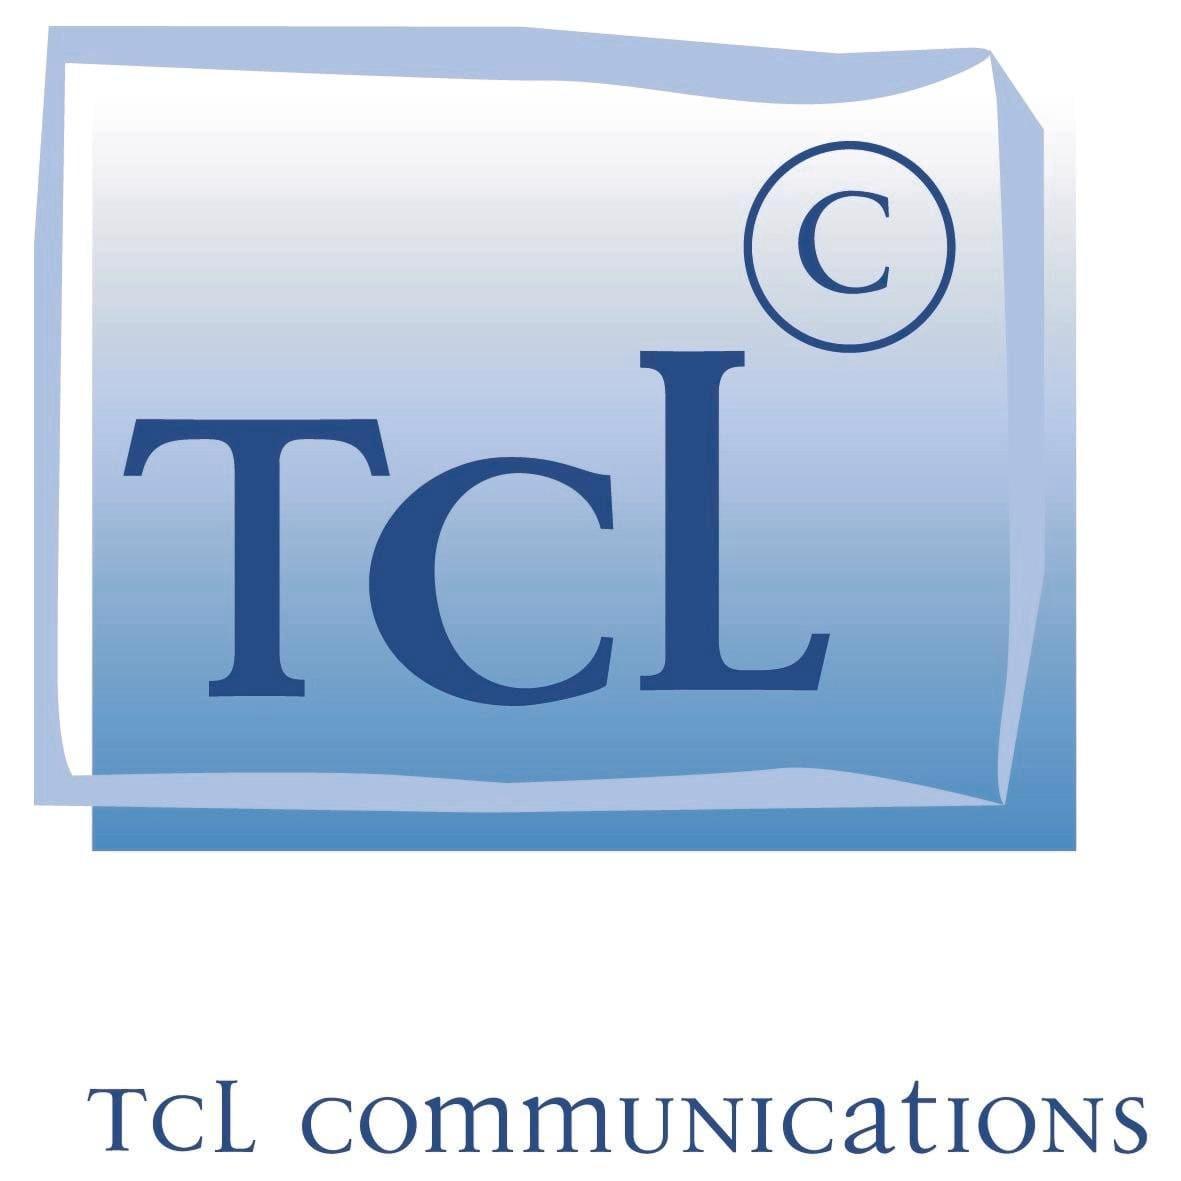 TCL Communications Ltd